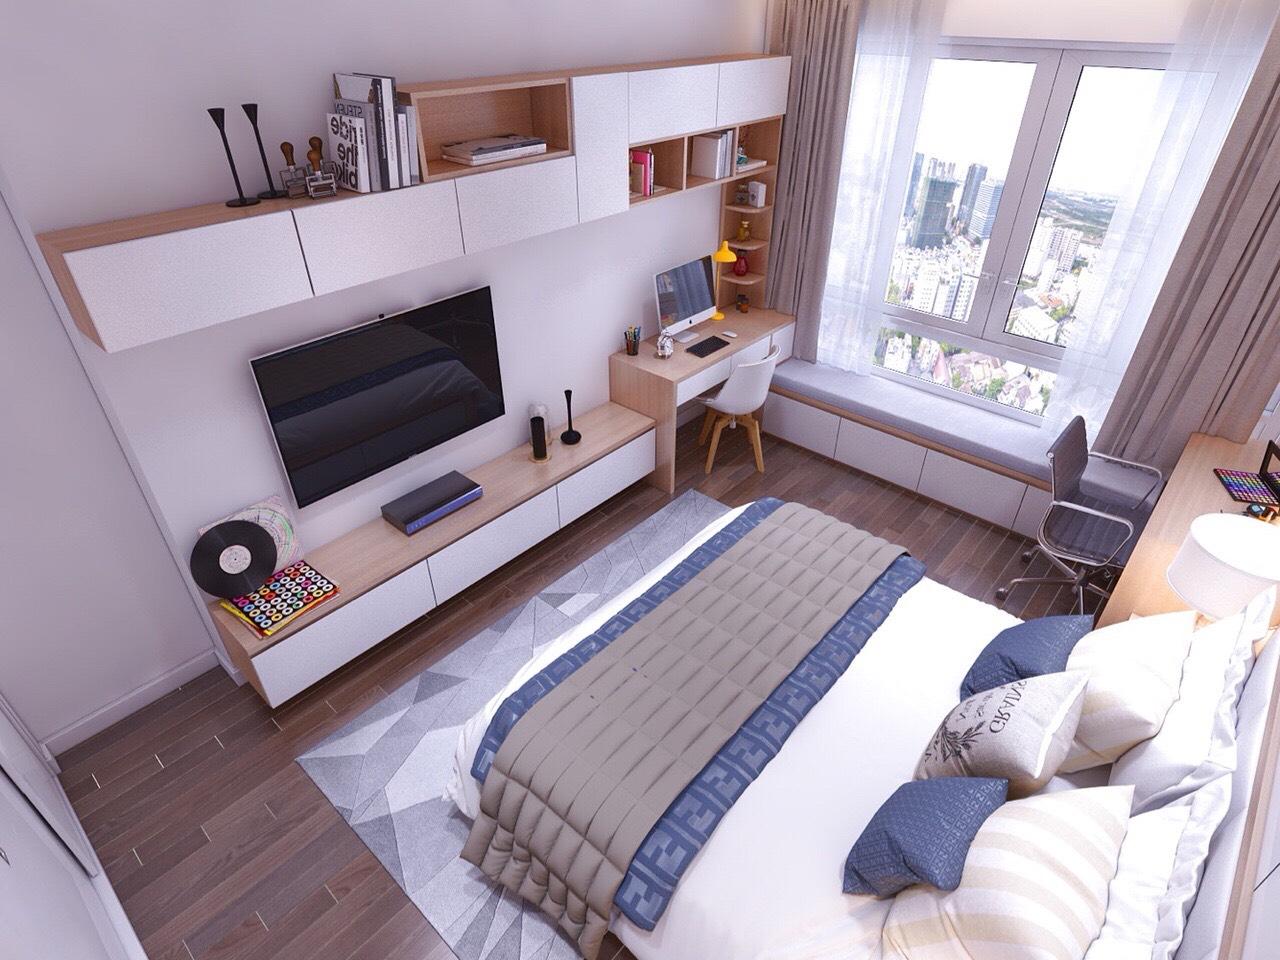 Dự án căn hộ chung cư Osimi Phú Mỹ, các căn hộ được thiết kế theo phong cách chuẩn Châu Âu, đặt cao yếu tố Xanh, tiện nghi, rộng rãi, nội thất cao cấp với hệ thống tủ bếp, sàn gỗ…được nhập khẩu 100% từ Châu Âu, mang lại sự thoải mái, không gian sống đẳng cấp cho từng chủ nhân căn hộ nơi đây. Căn hộ Osimi Phú Mỹ có diện tích đa dạng từ 49-70 m2, mổi căn hộ đều có 2 phòng ngủ phù hợp cho gia đình từ 1-2 thế hệ chung sống, tất cả căn hộ được thiết kế khoa học.